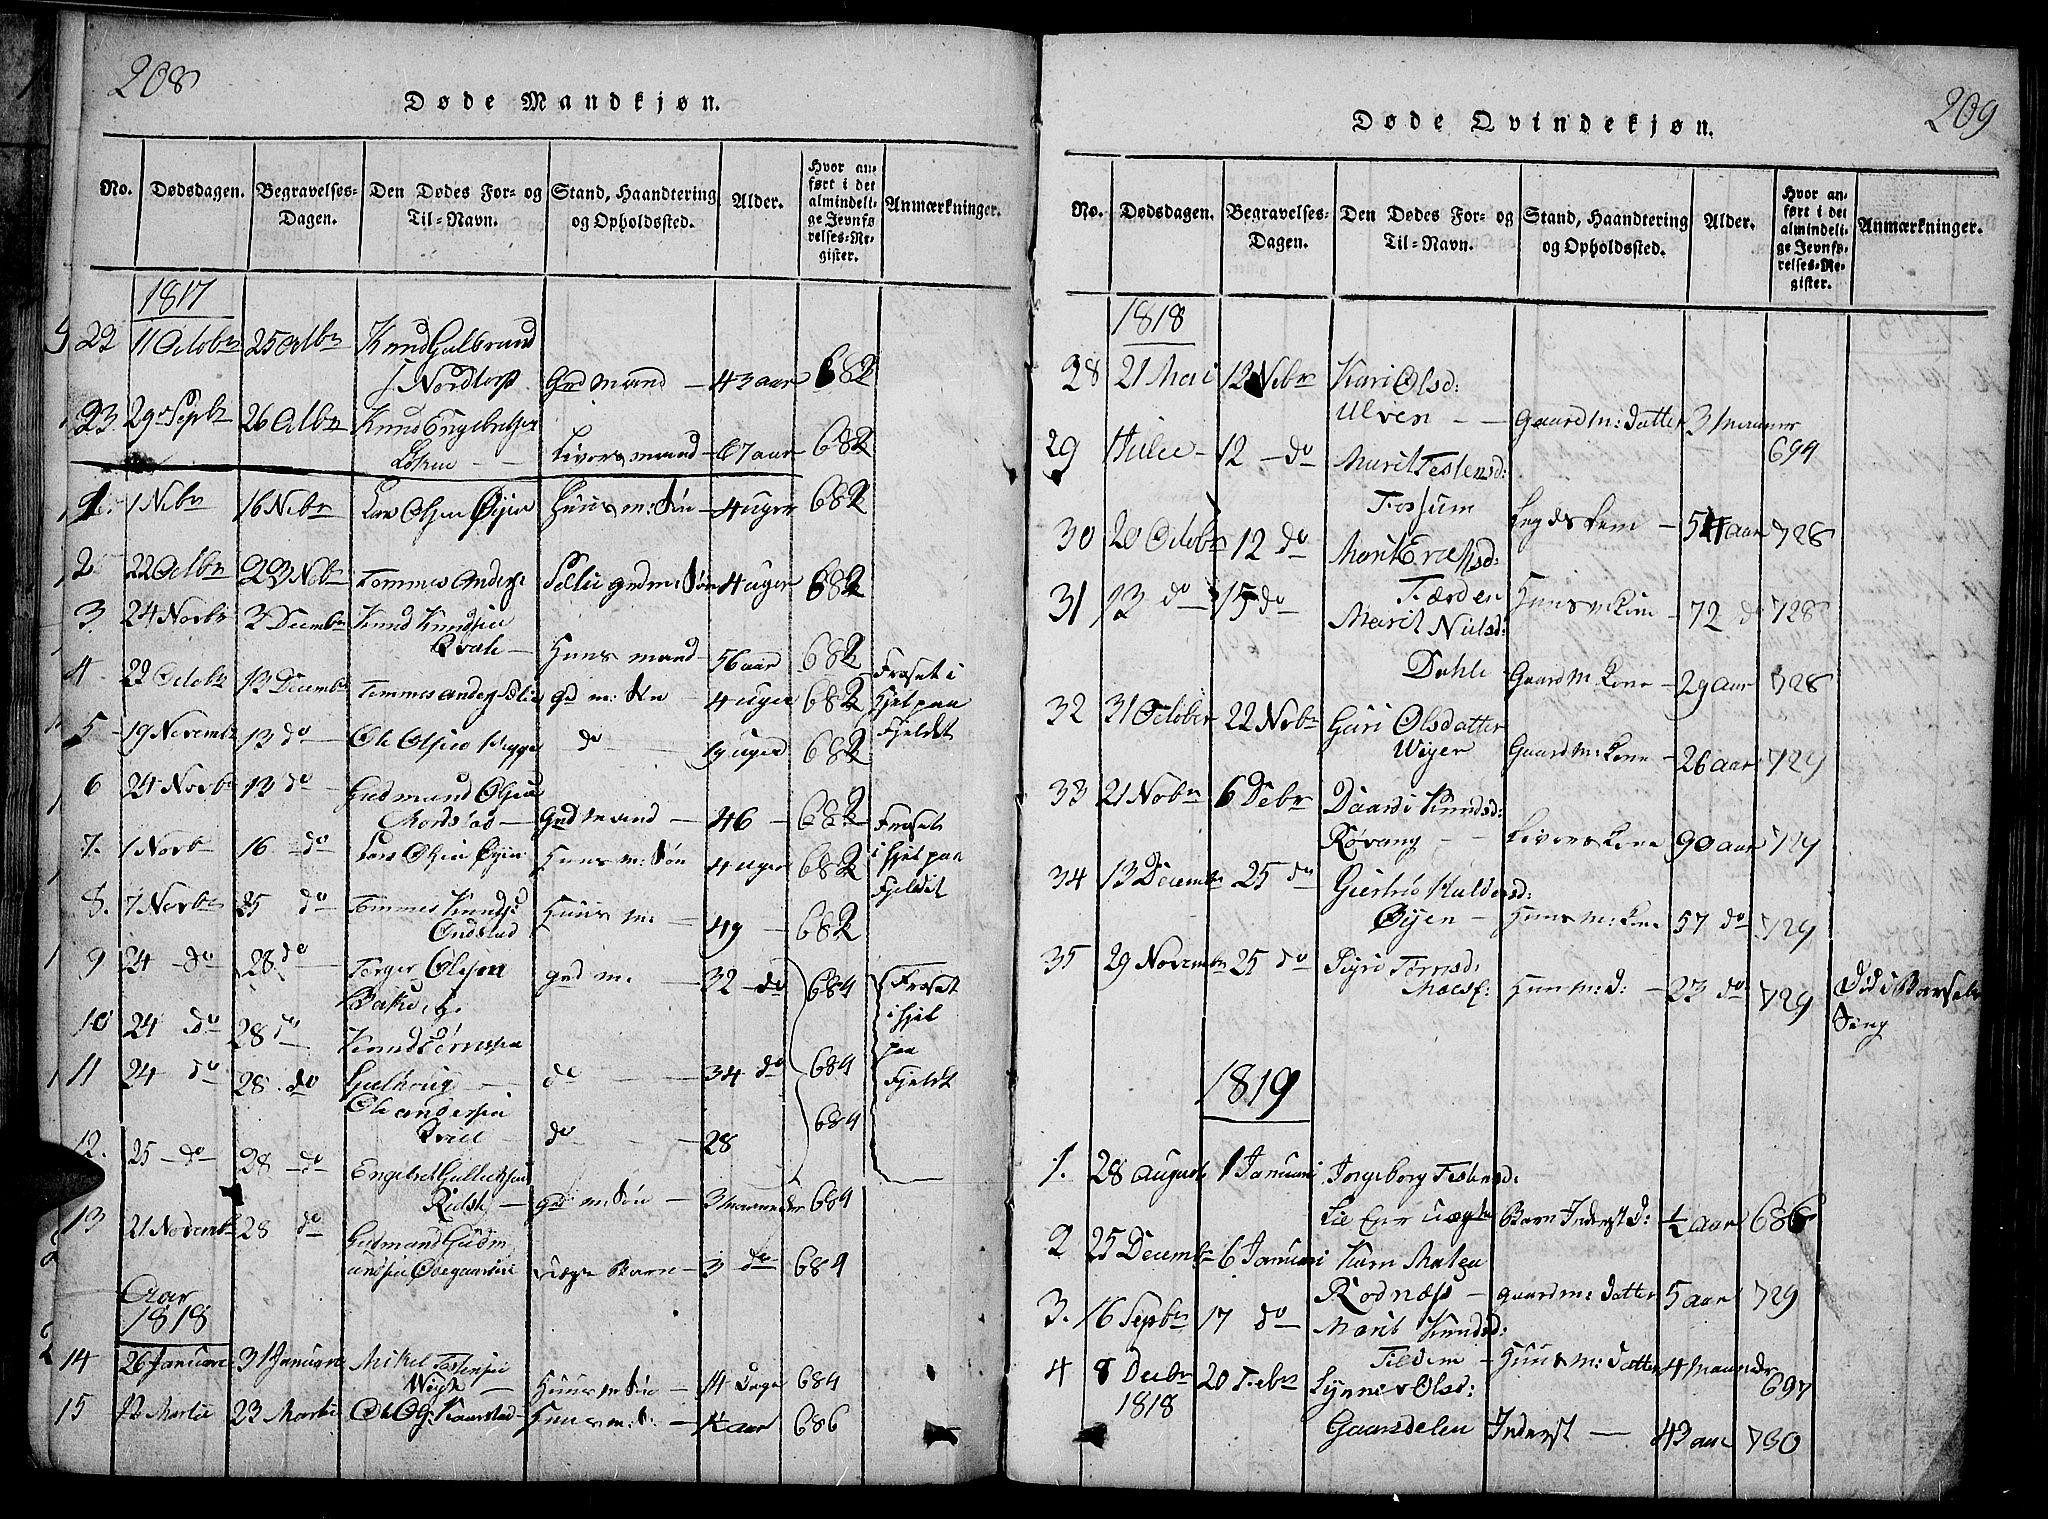 SAH, Slidre prestekontor, Ministerialbok nr. 2, 1814-1830, s. 208-209